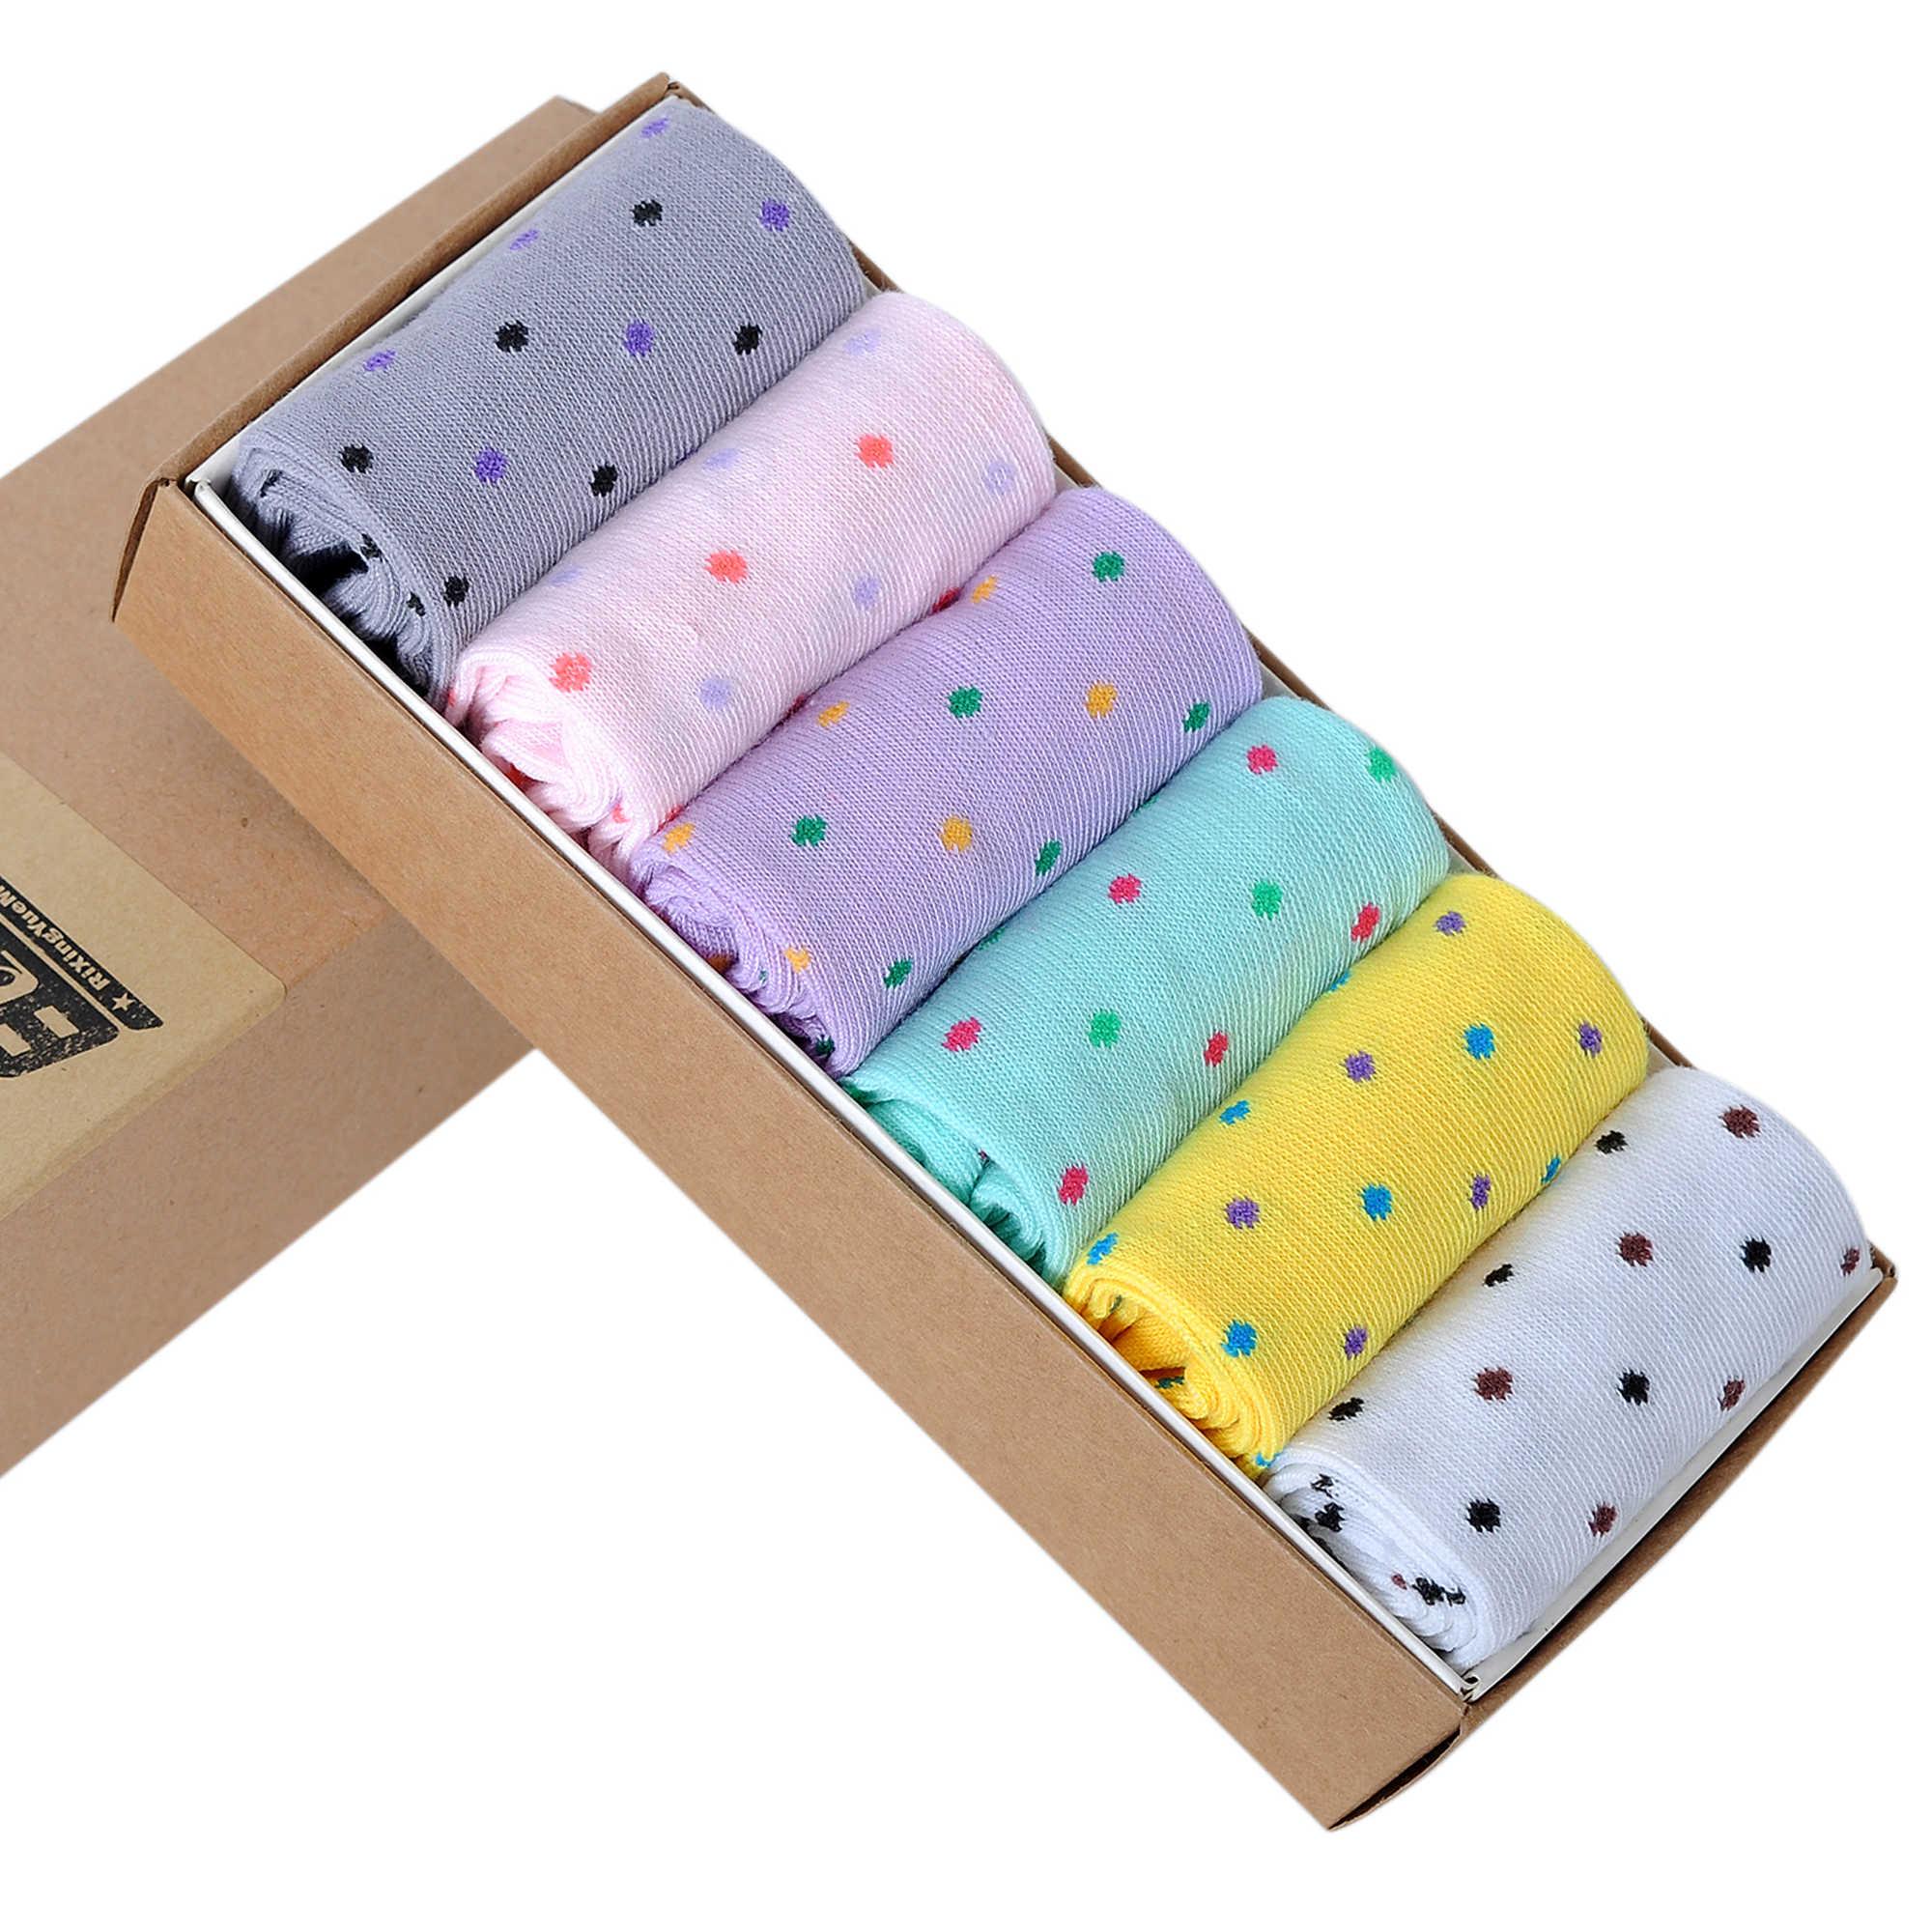 Модные популярные женские носки, классические милые весенне-летние, Осенние, зимние, яркие цвета, в горошек, с принтом, для 36-42, Безразмерные носки, бесплатная доставка